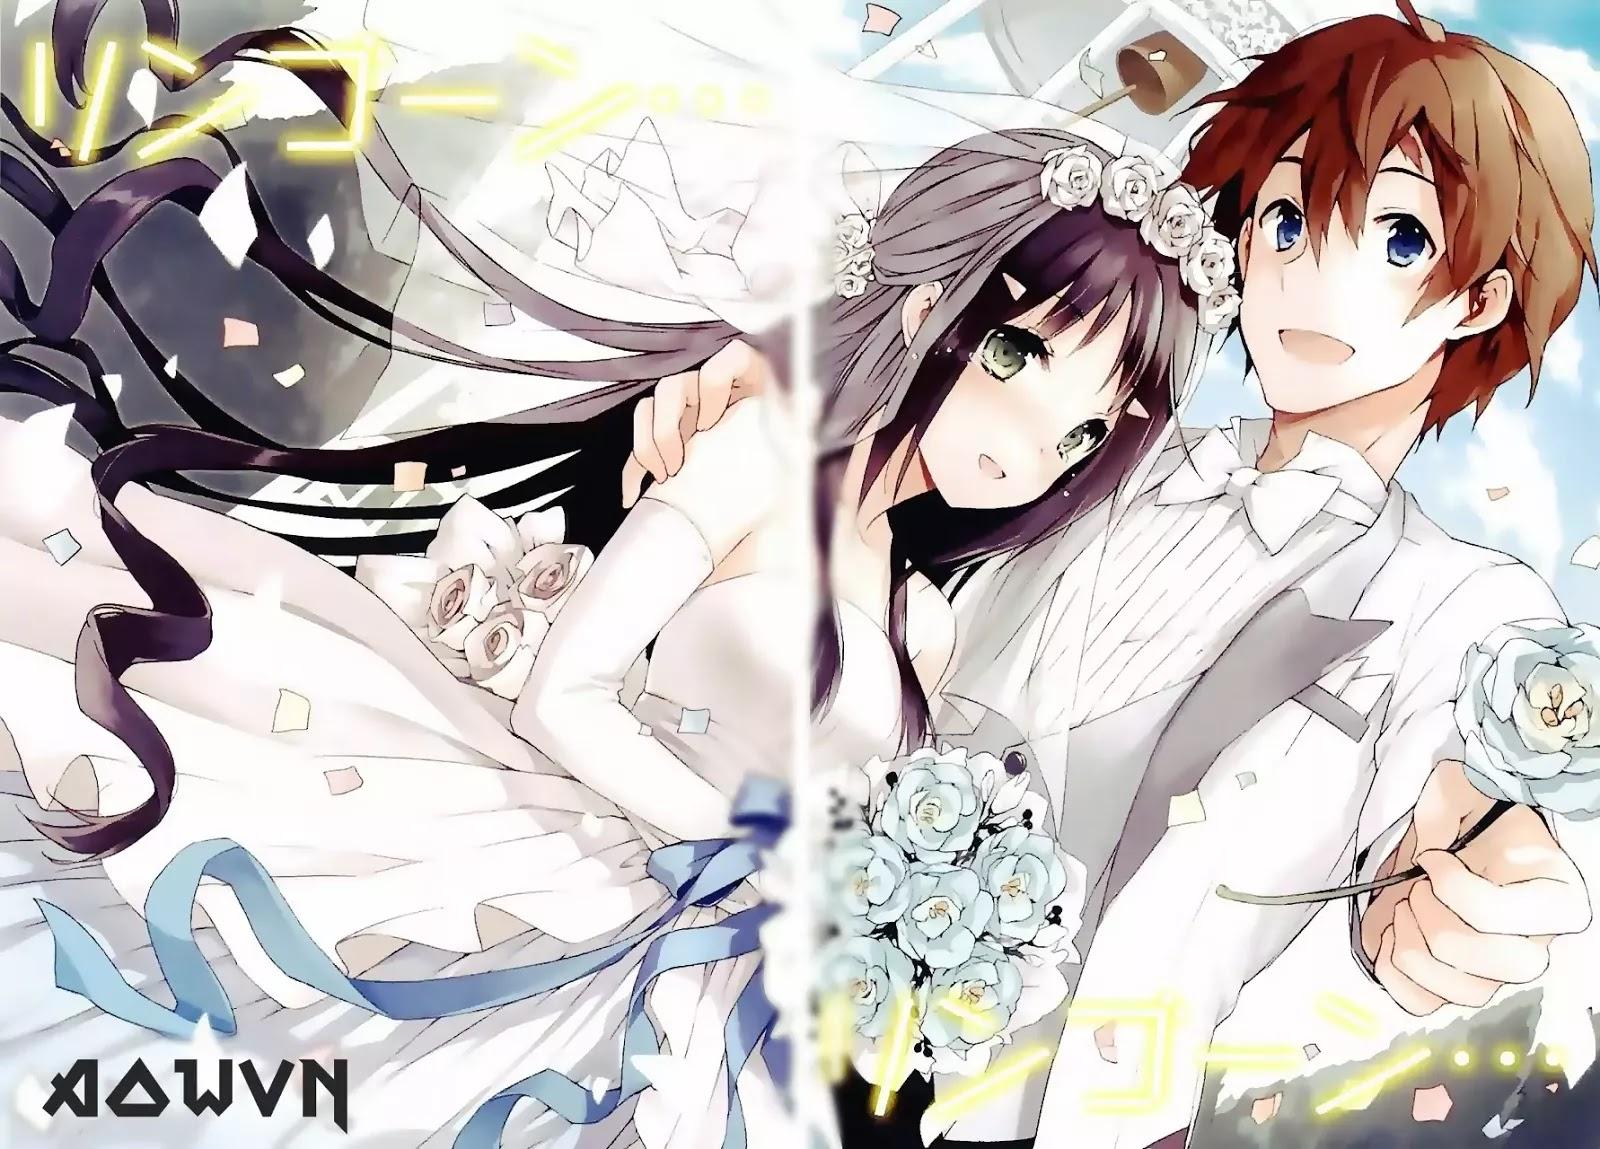 AowVN - [ Anime 3gp Mp4 ] Kono Naka Ni Hitori, Imouto Ga Iru BD | Vietsub - Harem Ecchi